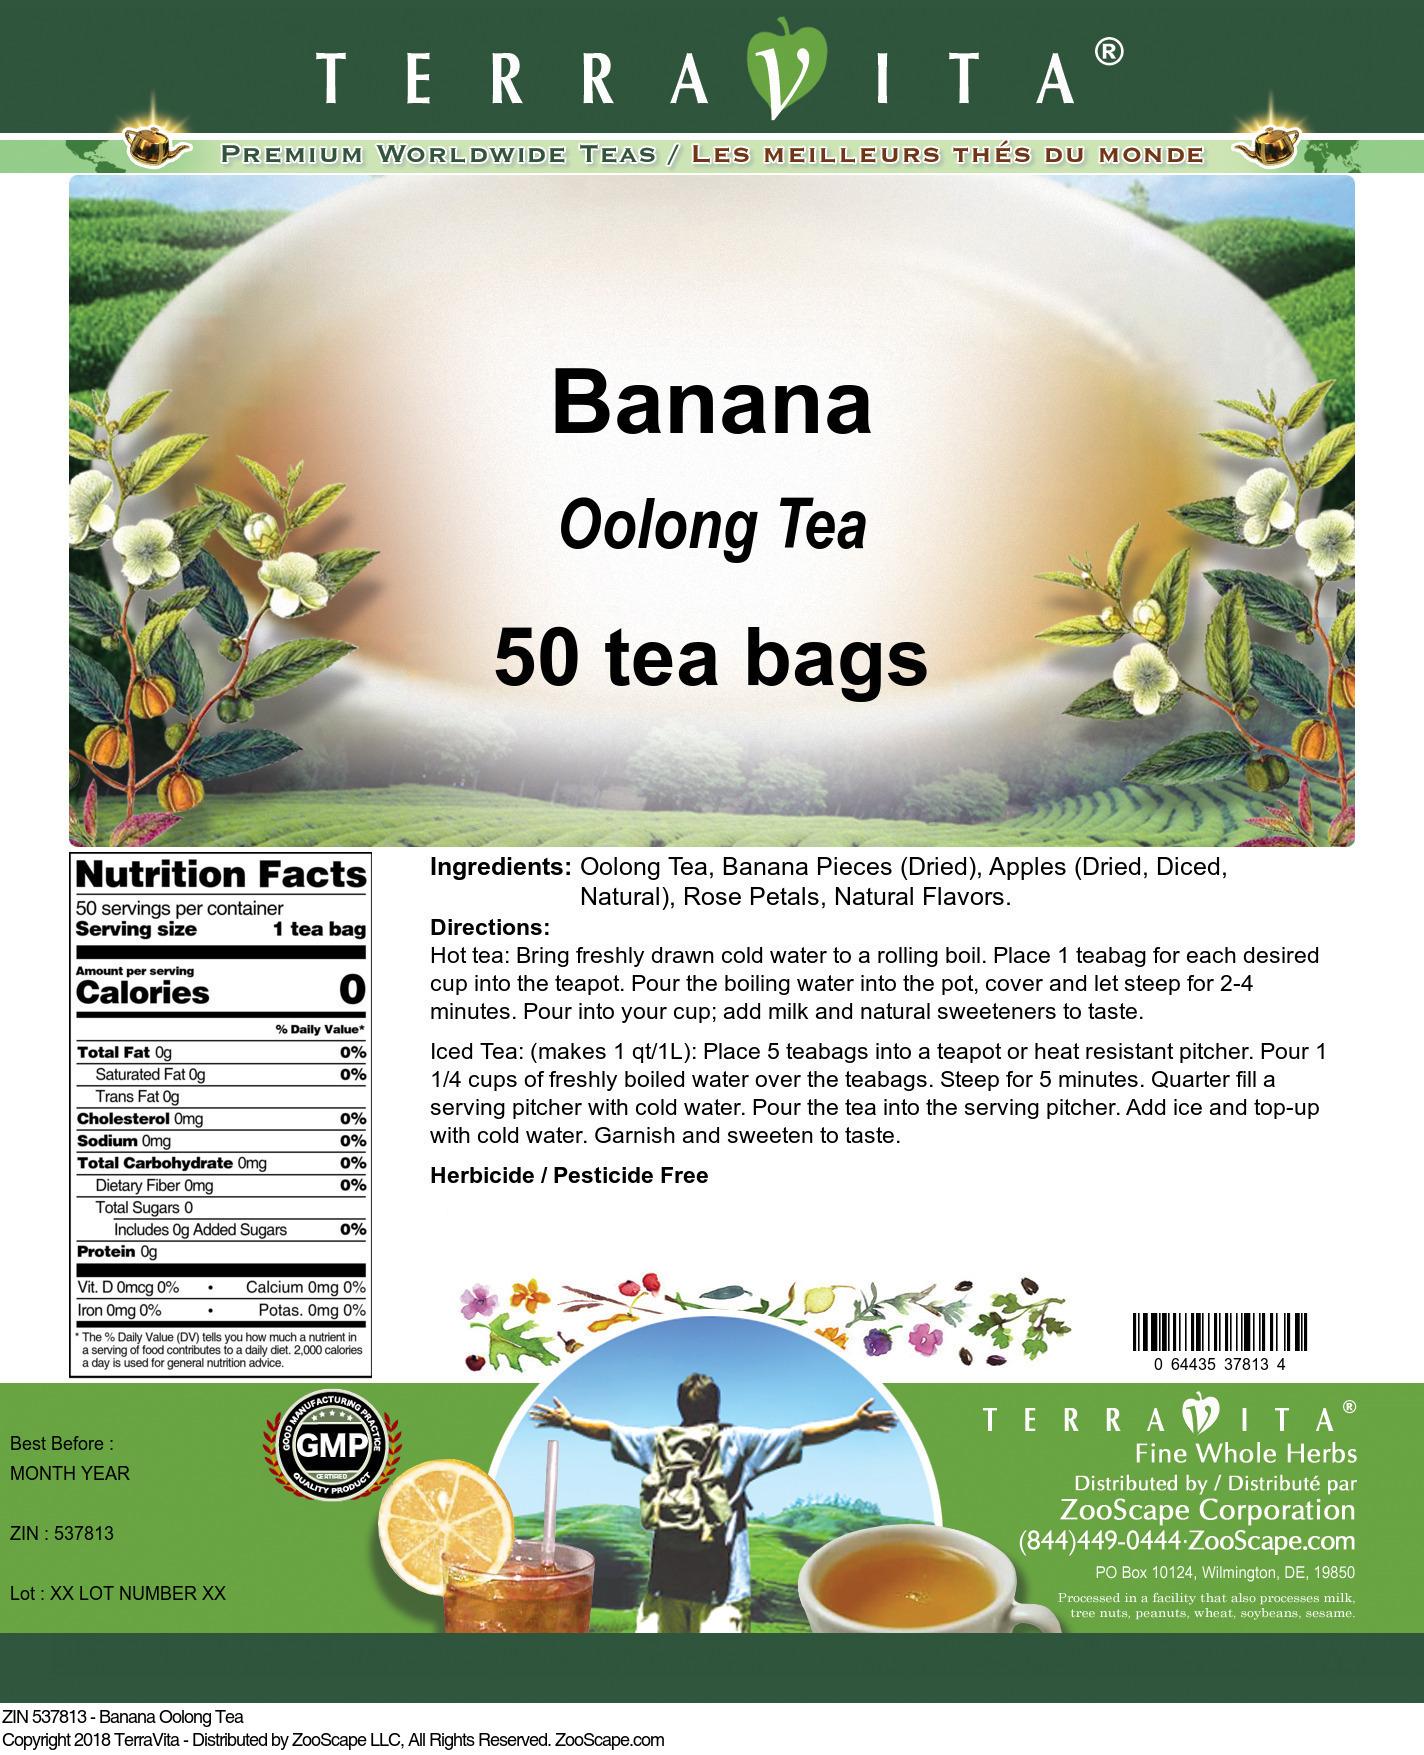 Banana Oolong Tea